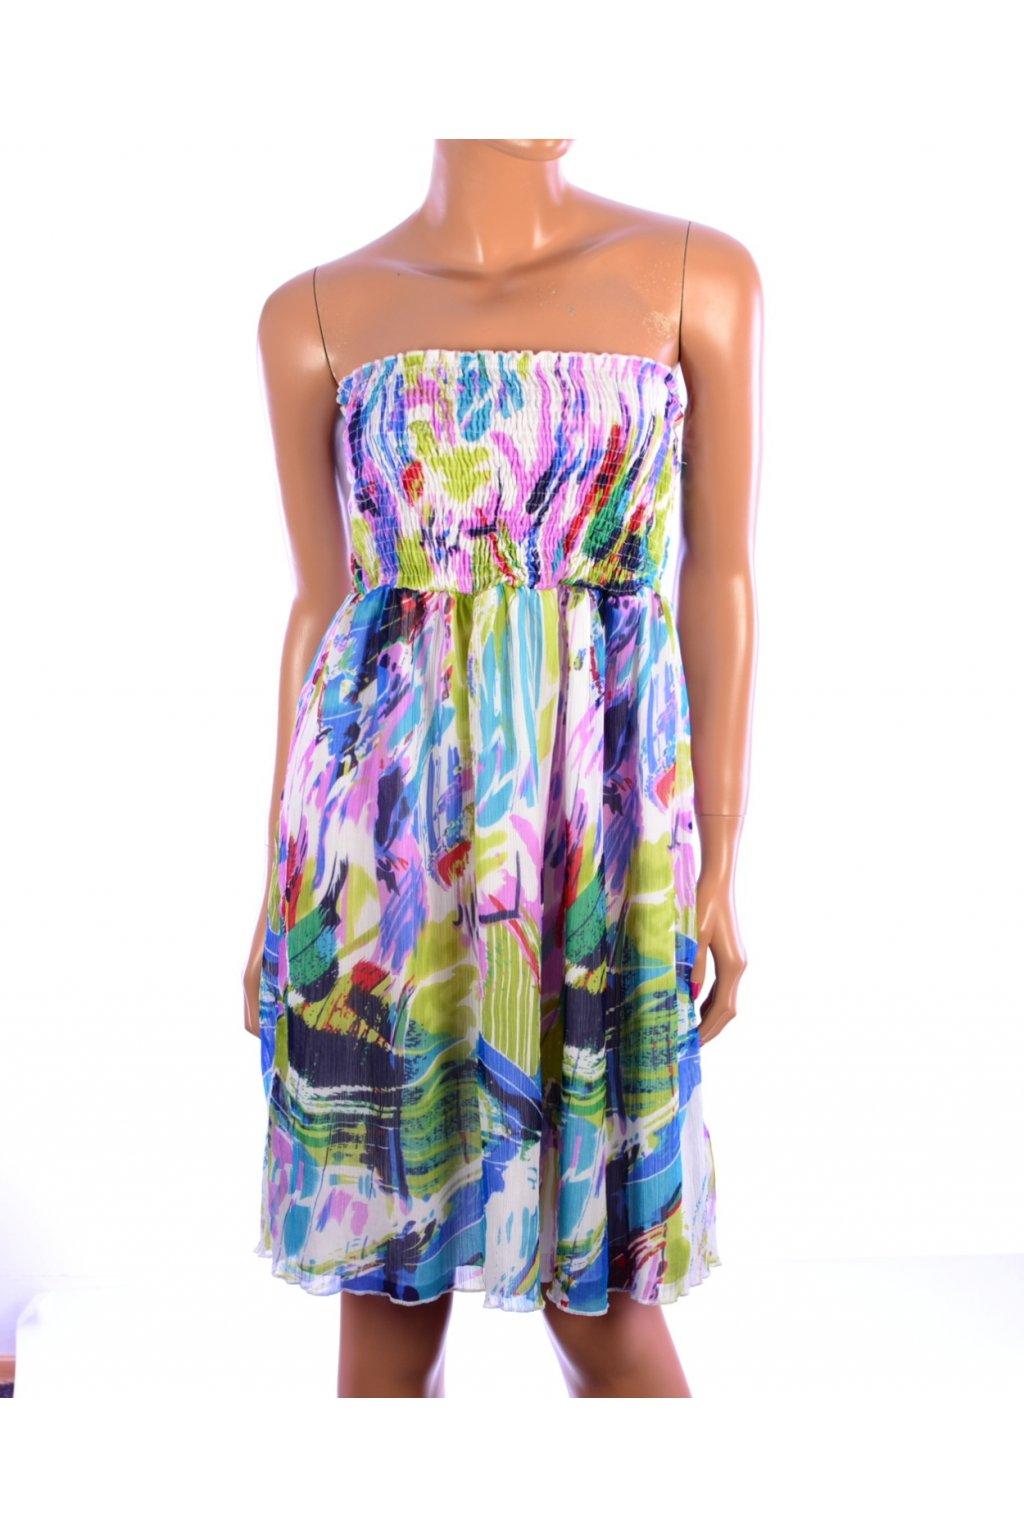 Šaty bez ramínek barevné Jung Stil vel. 36 / S